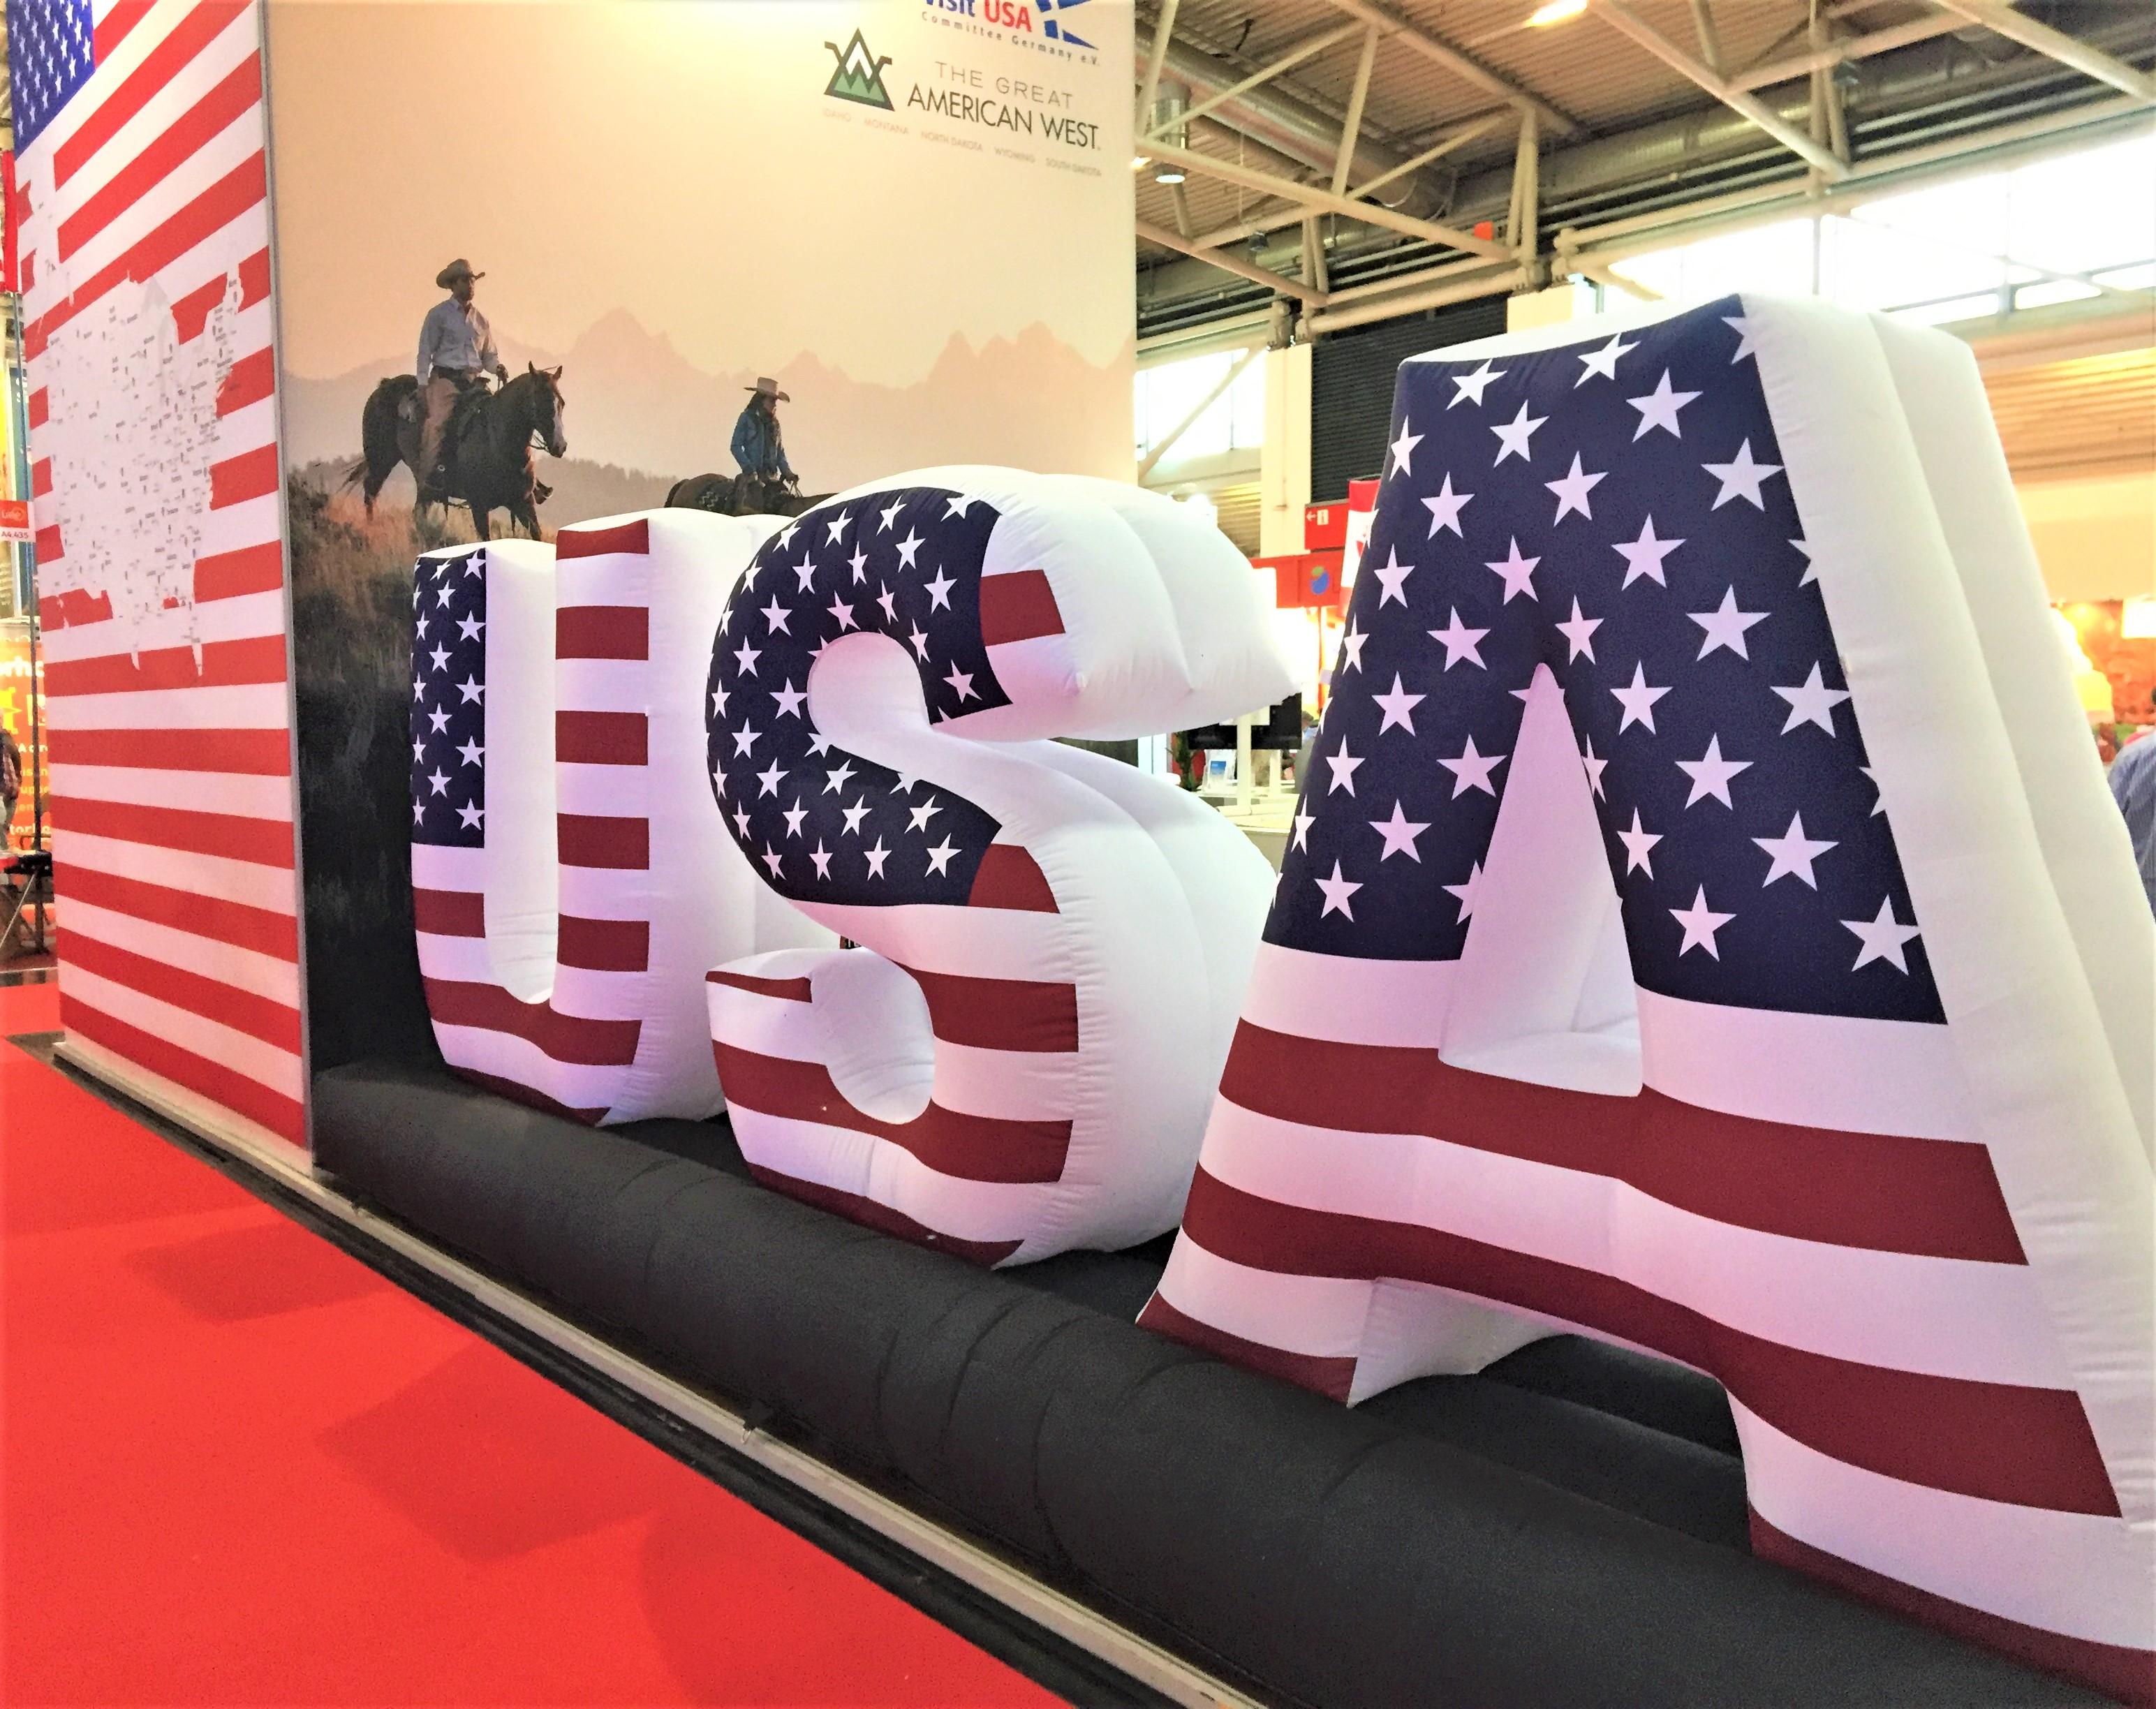 USA free Reisemesse München